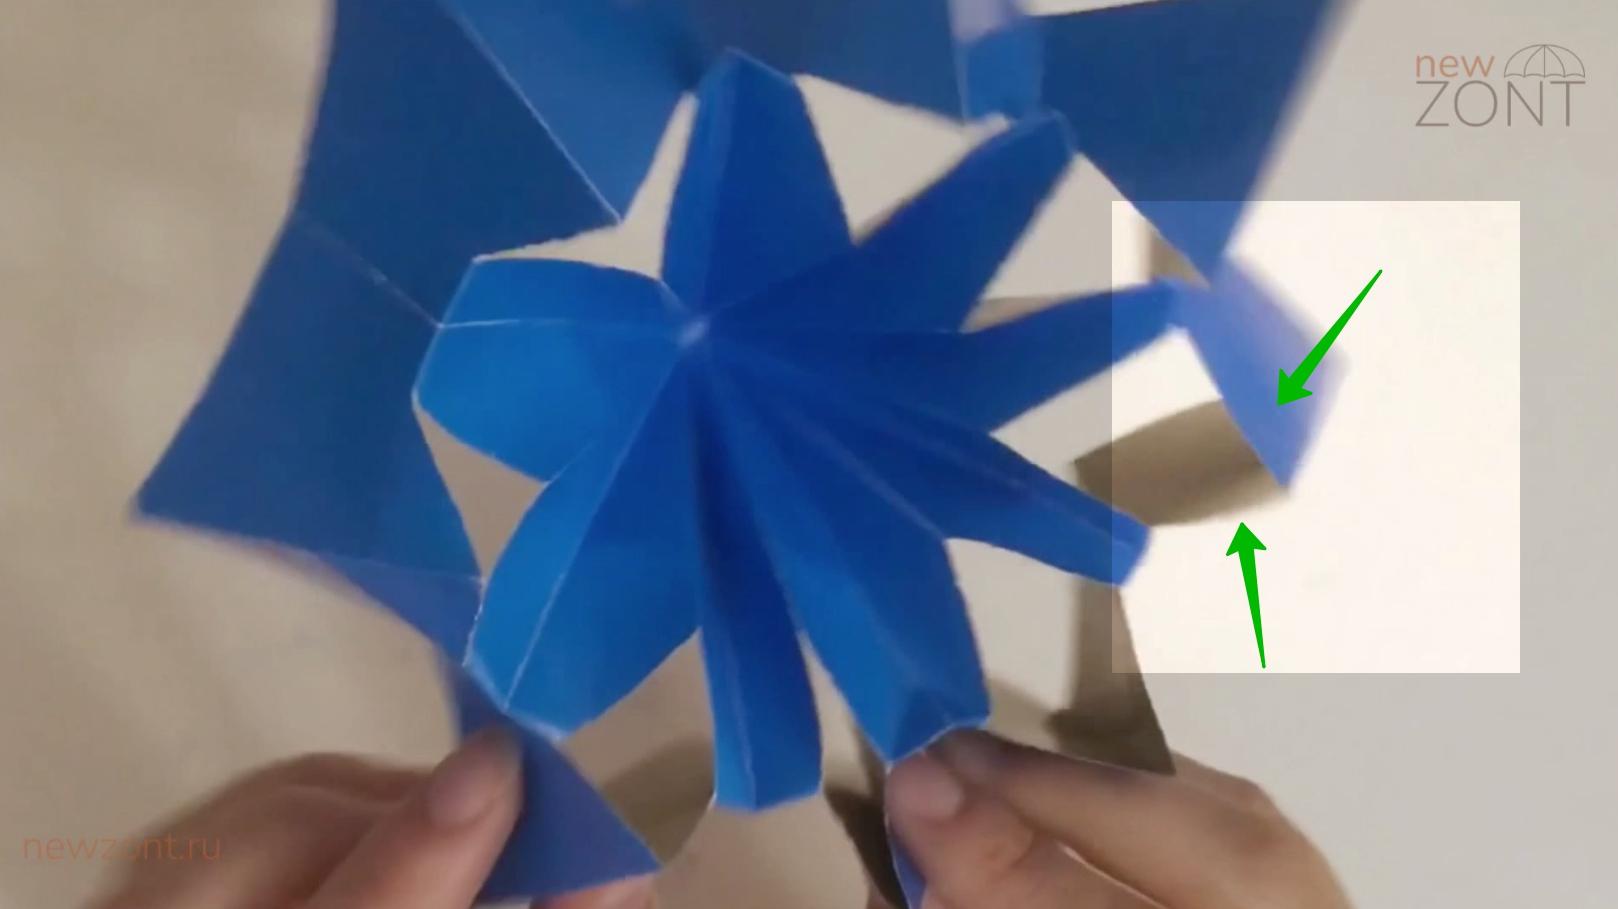 как сделать зонт из картона